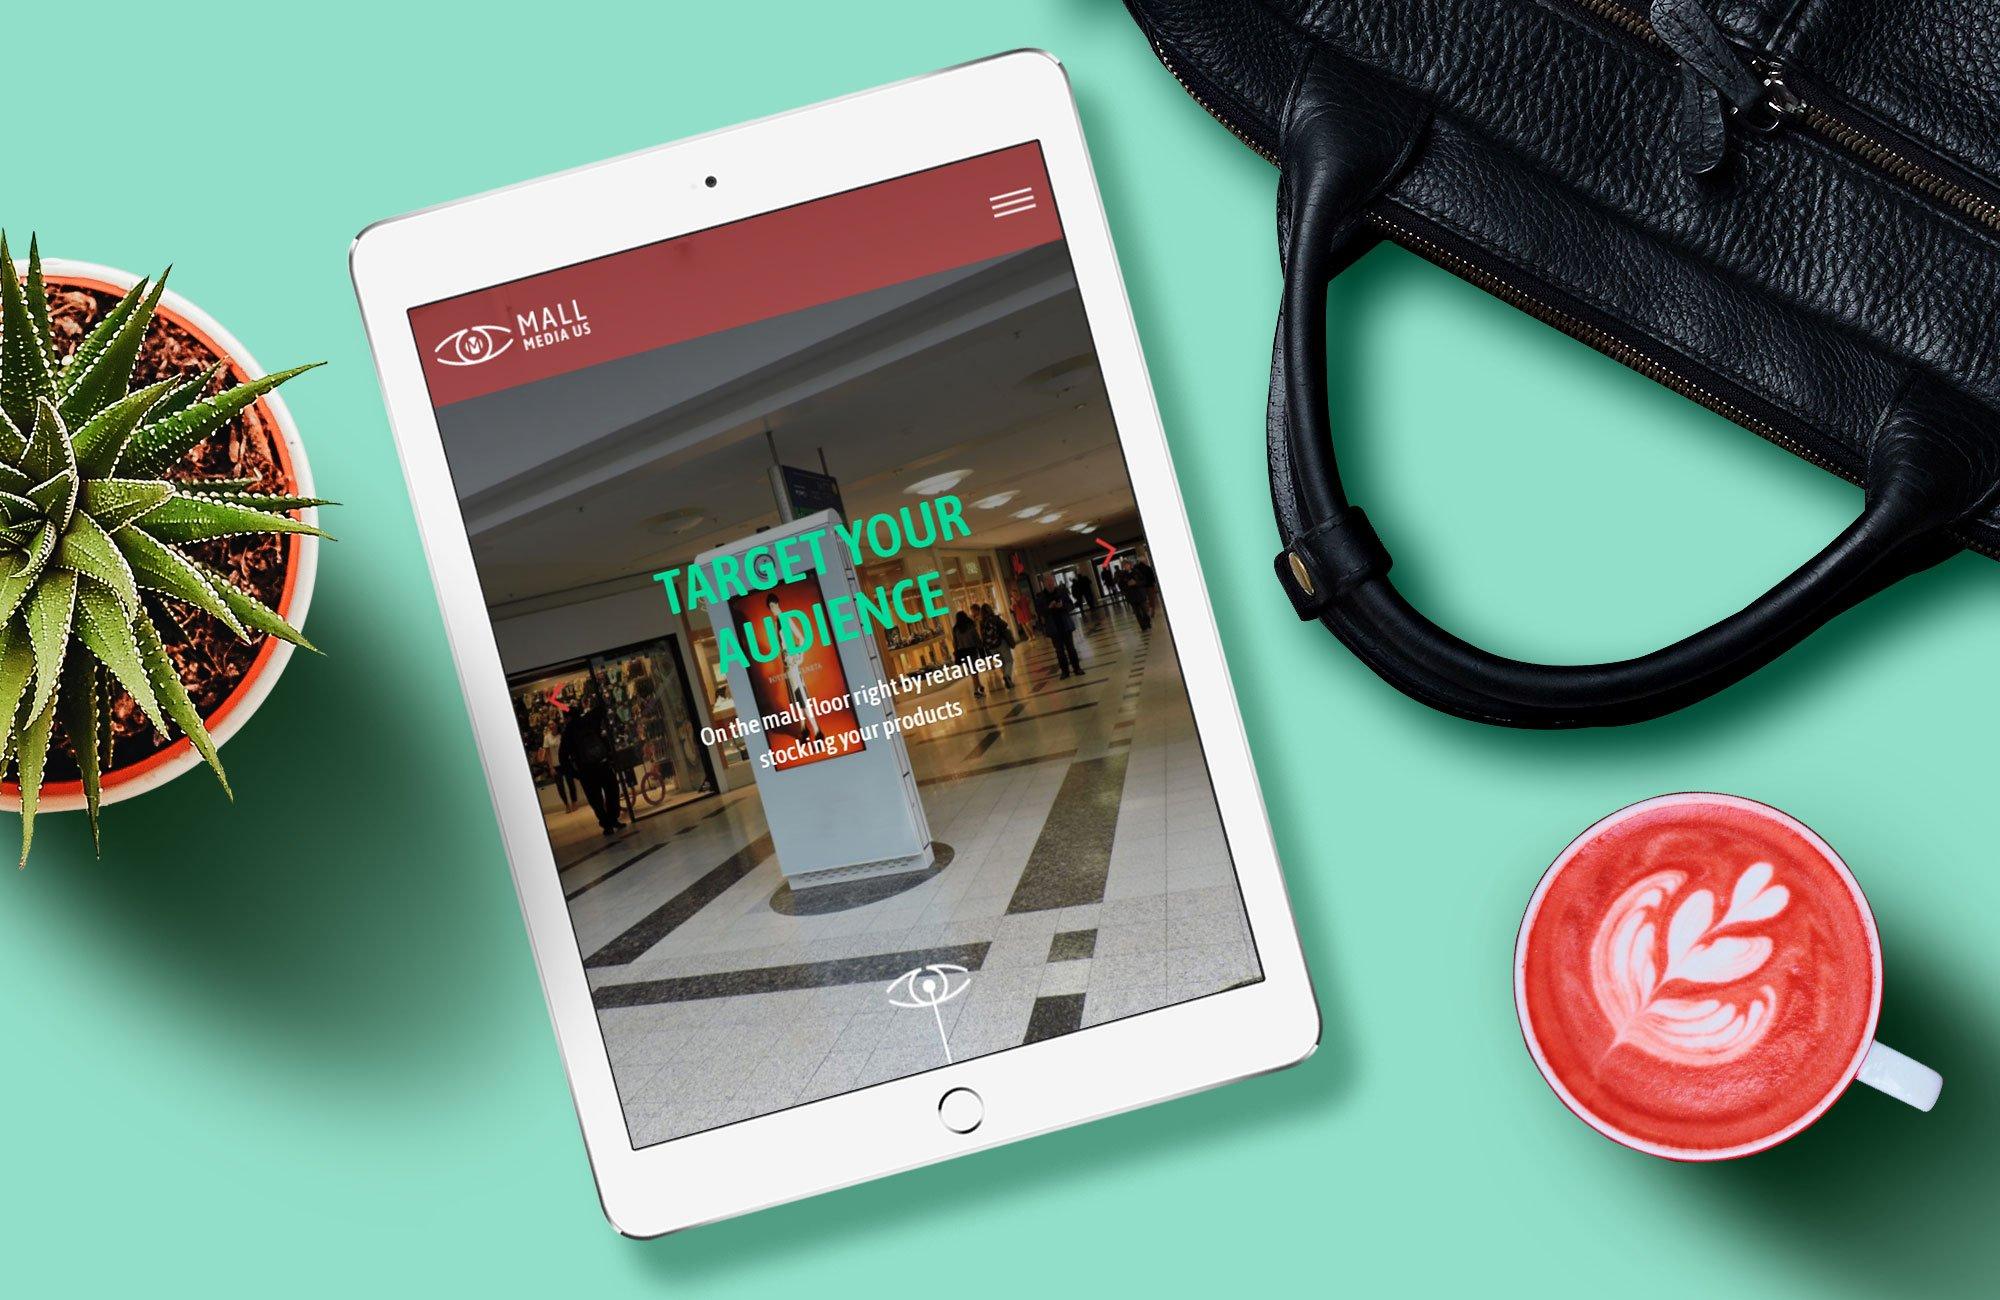 Mall Media US website displayed on tablet